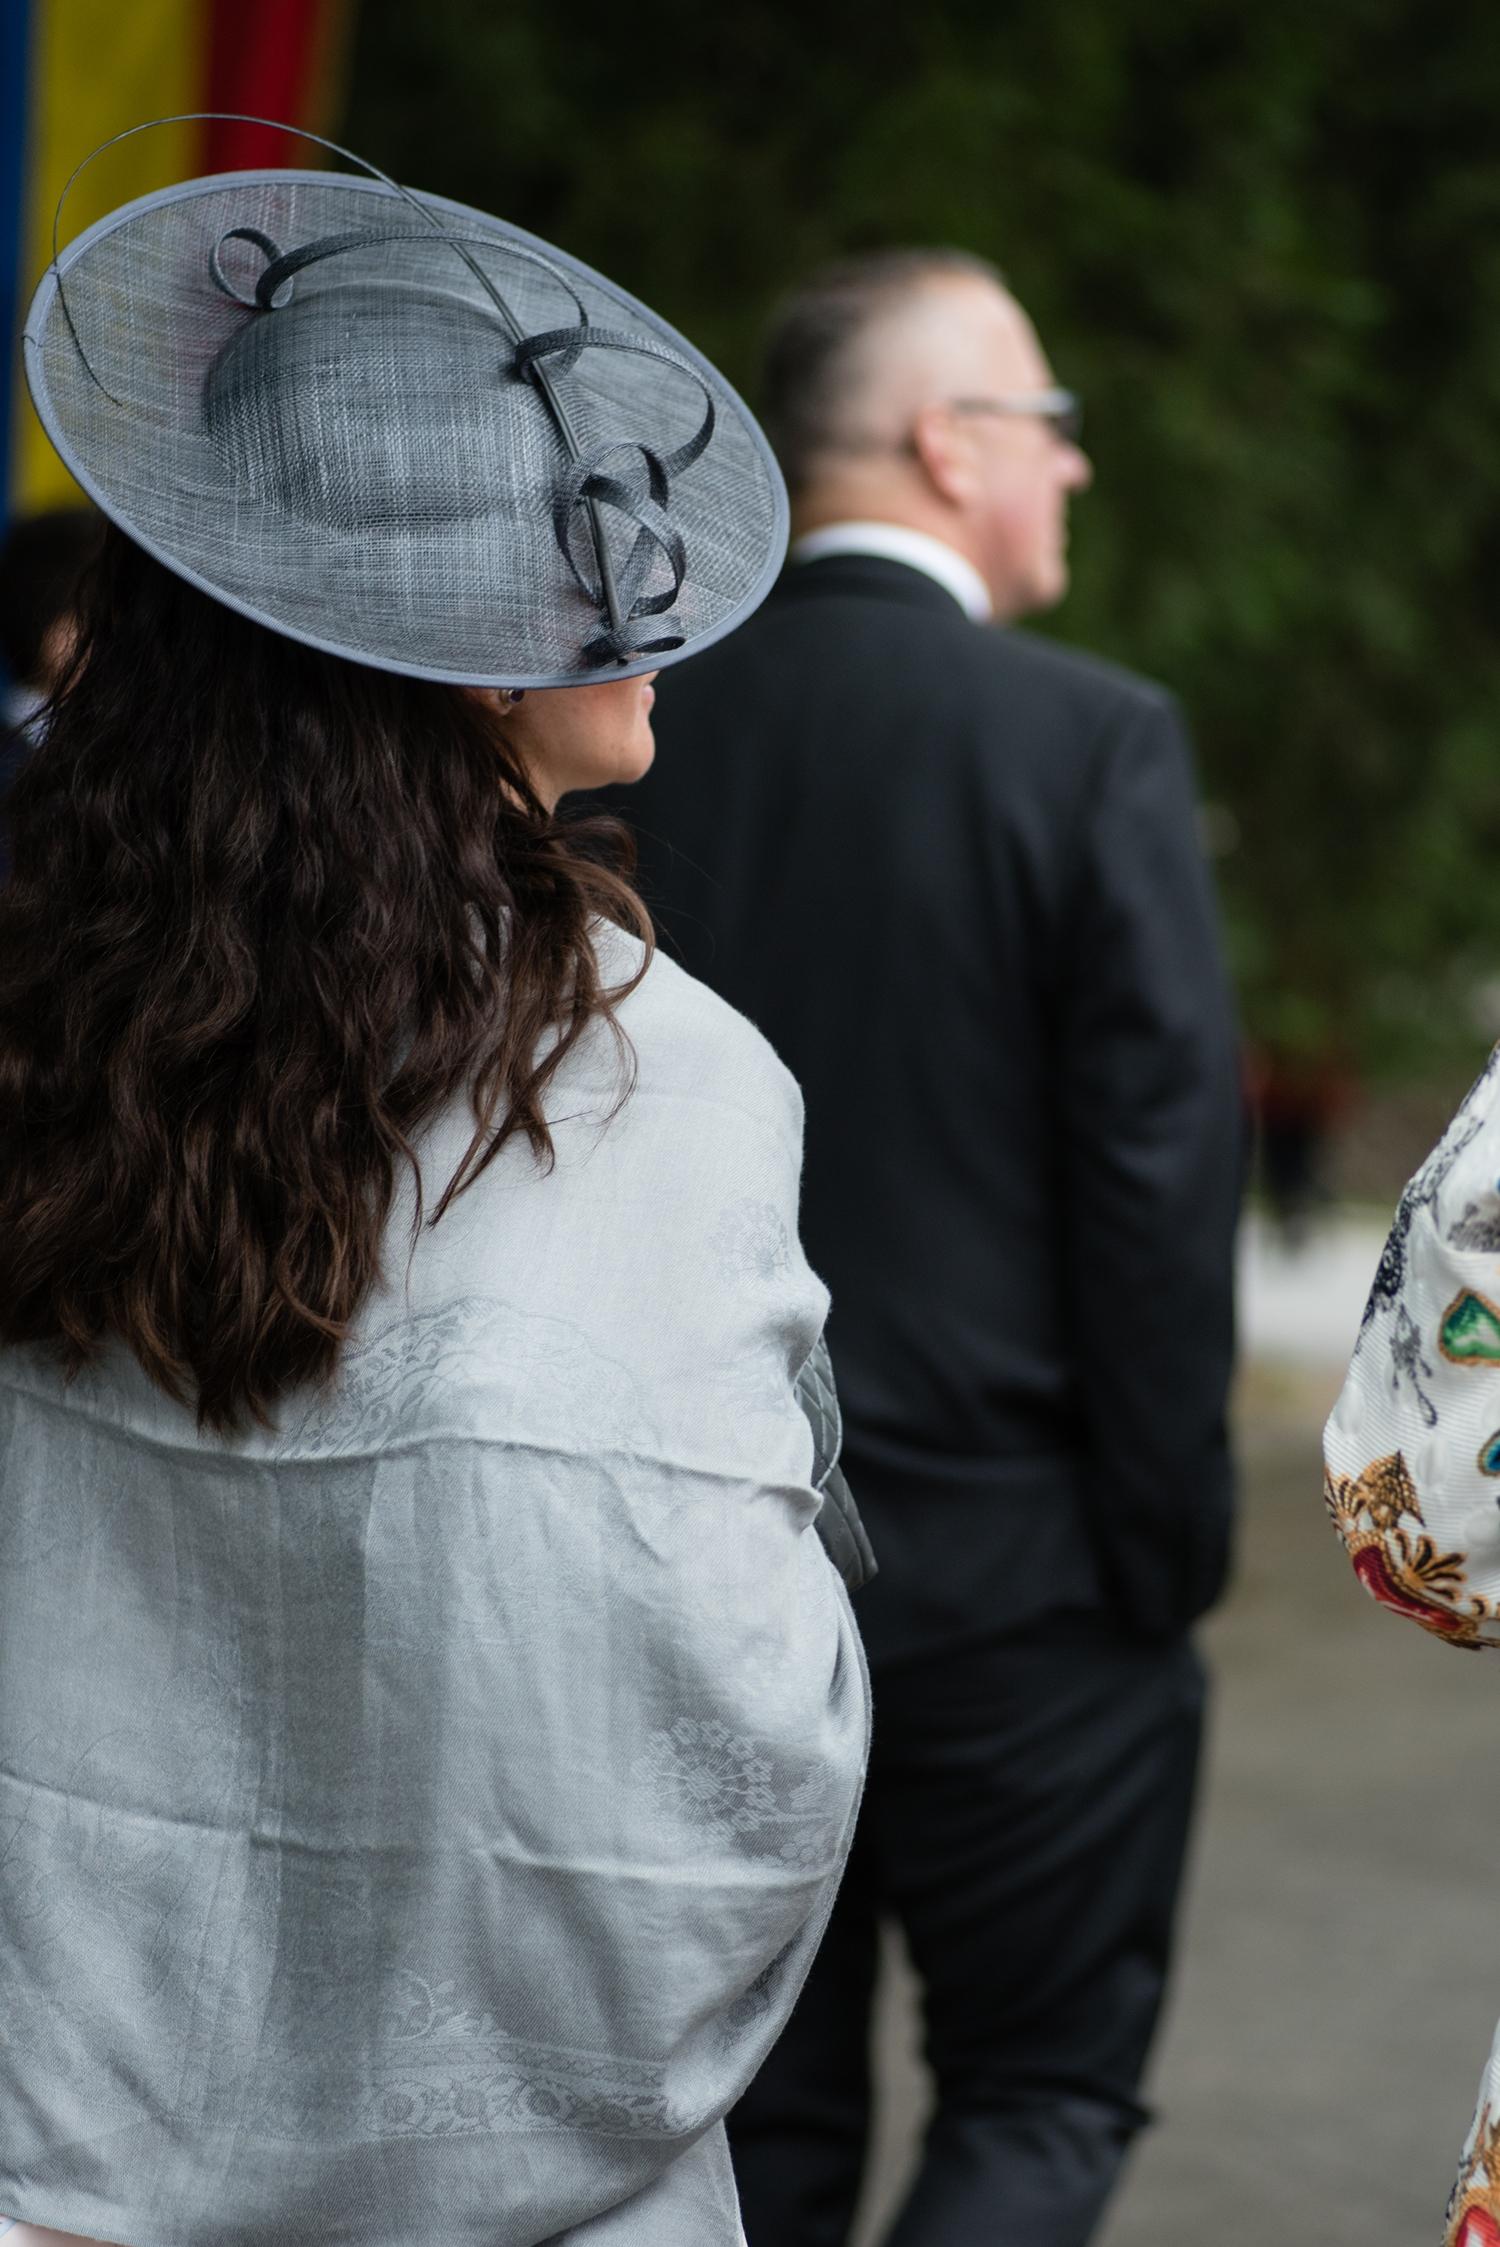 ziua regelui 2018, principesa Margareta a Romaniei, regina Margareta, regina Romaniei, fotograf profesionist, ziua regalitatii, 2018, parada palariilor, palarii, gardenparty, traditie, Romania, traditie romaneasca